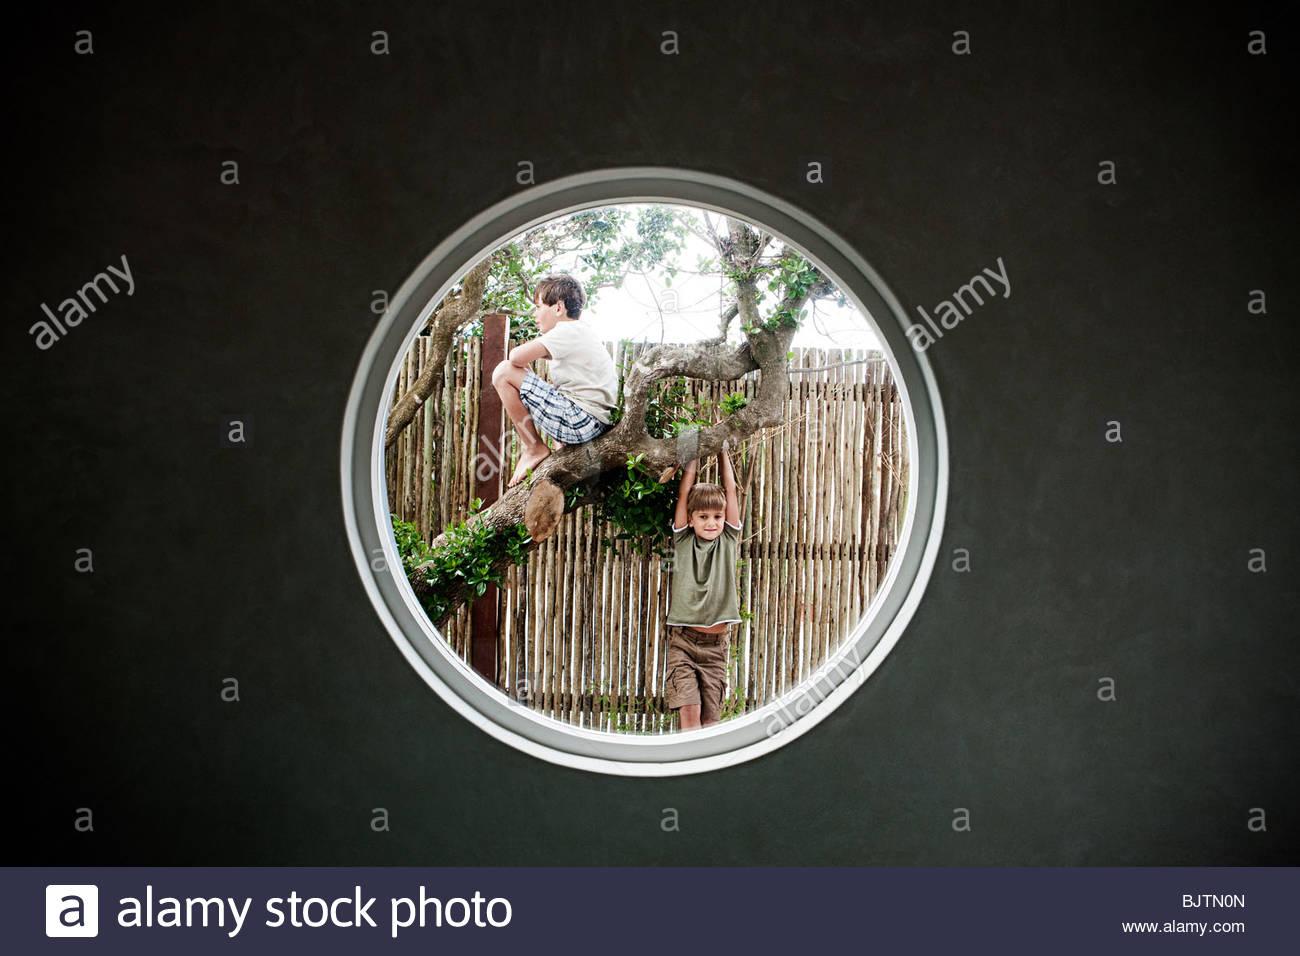 Jungen am Baum gesehen durch Kreis in Wand Stockbild